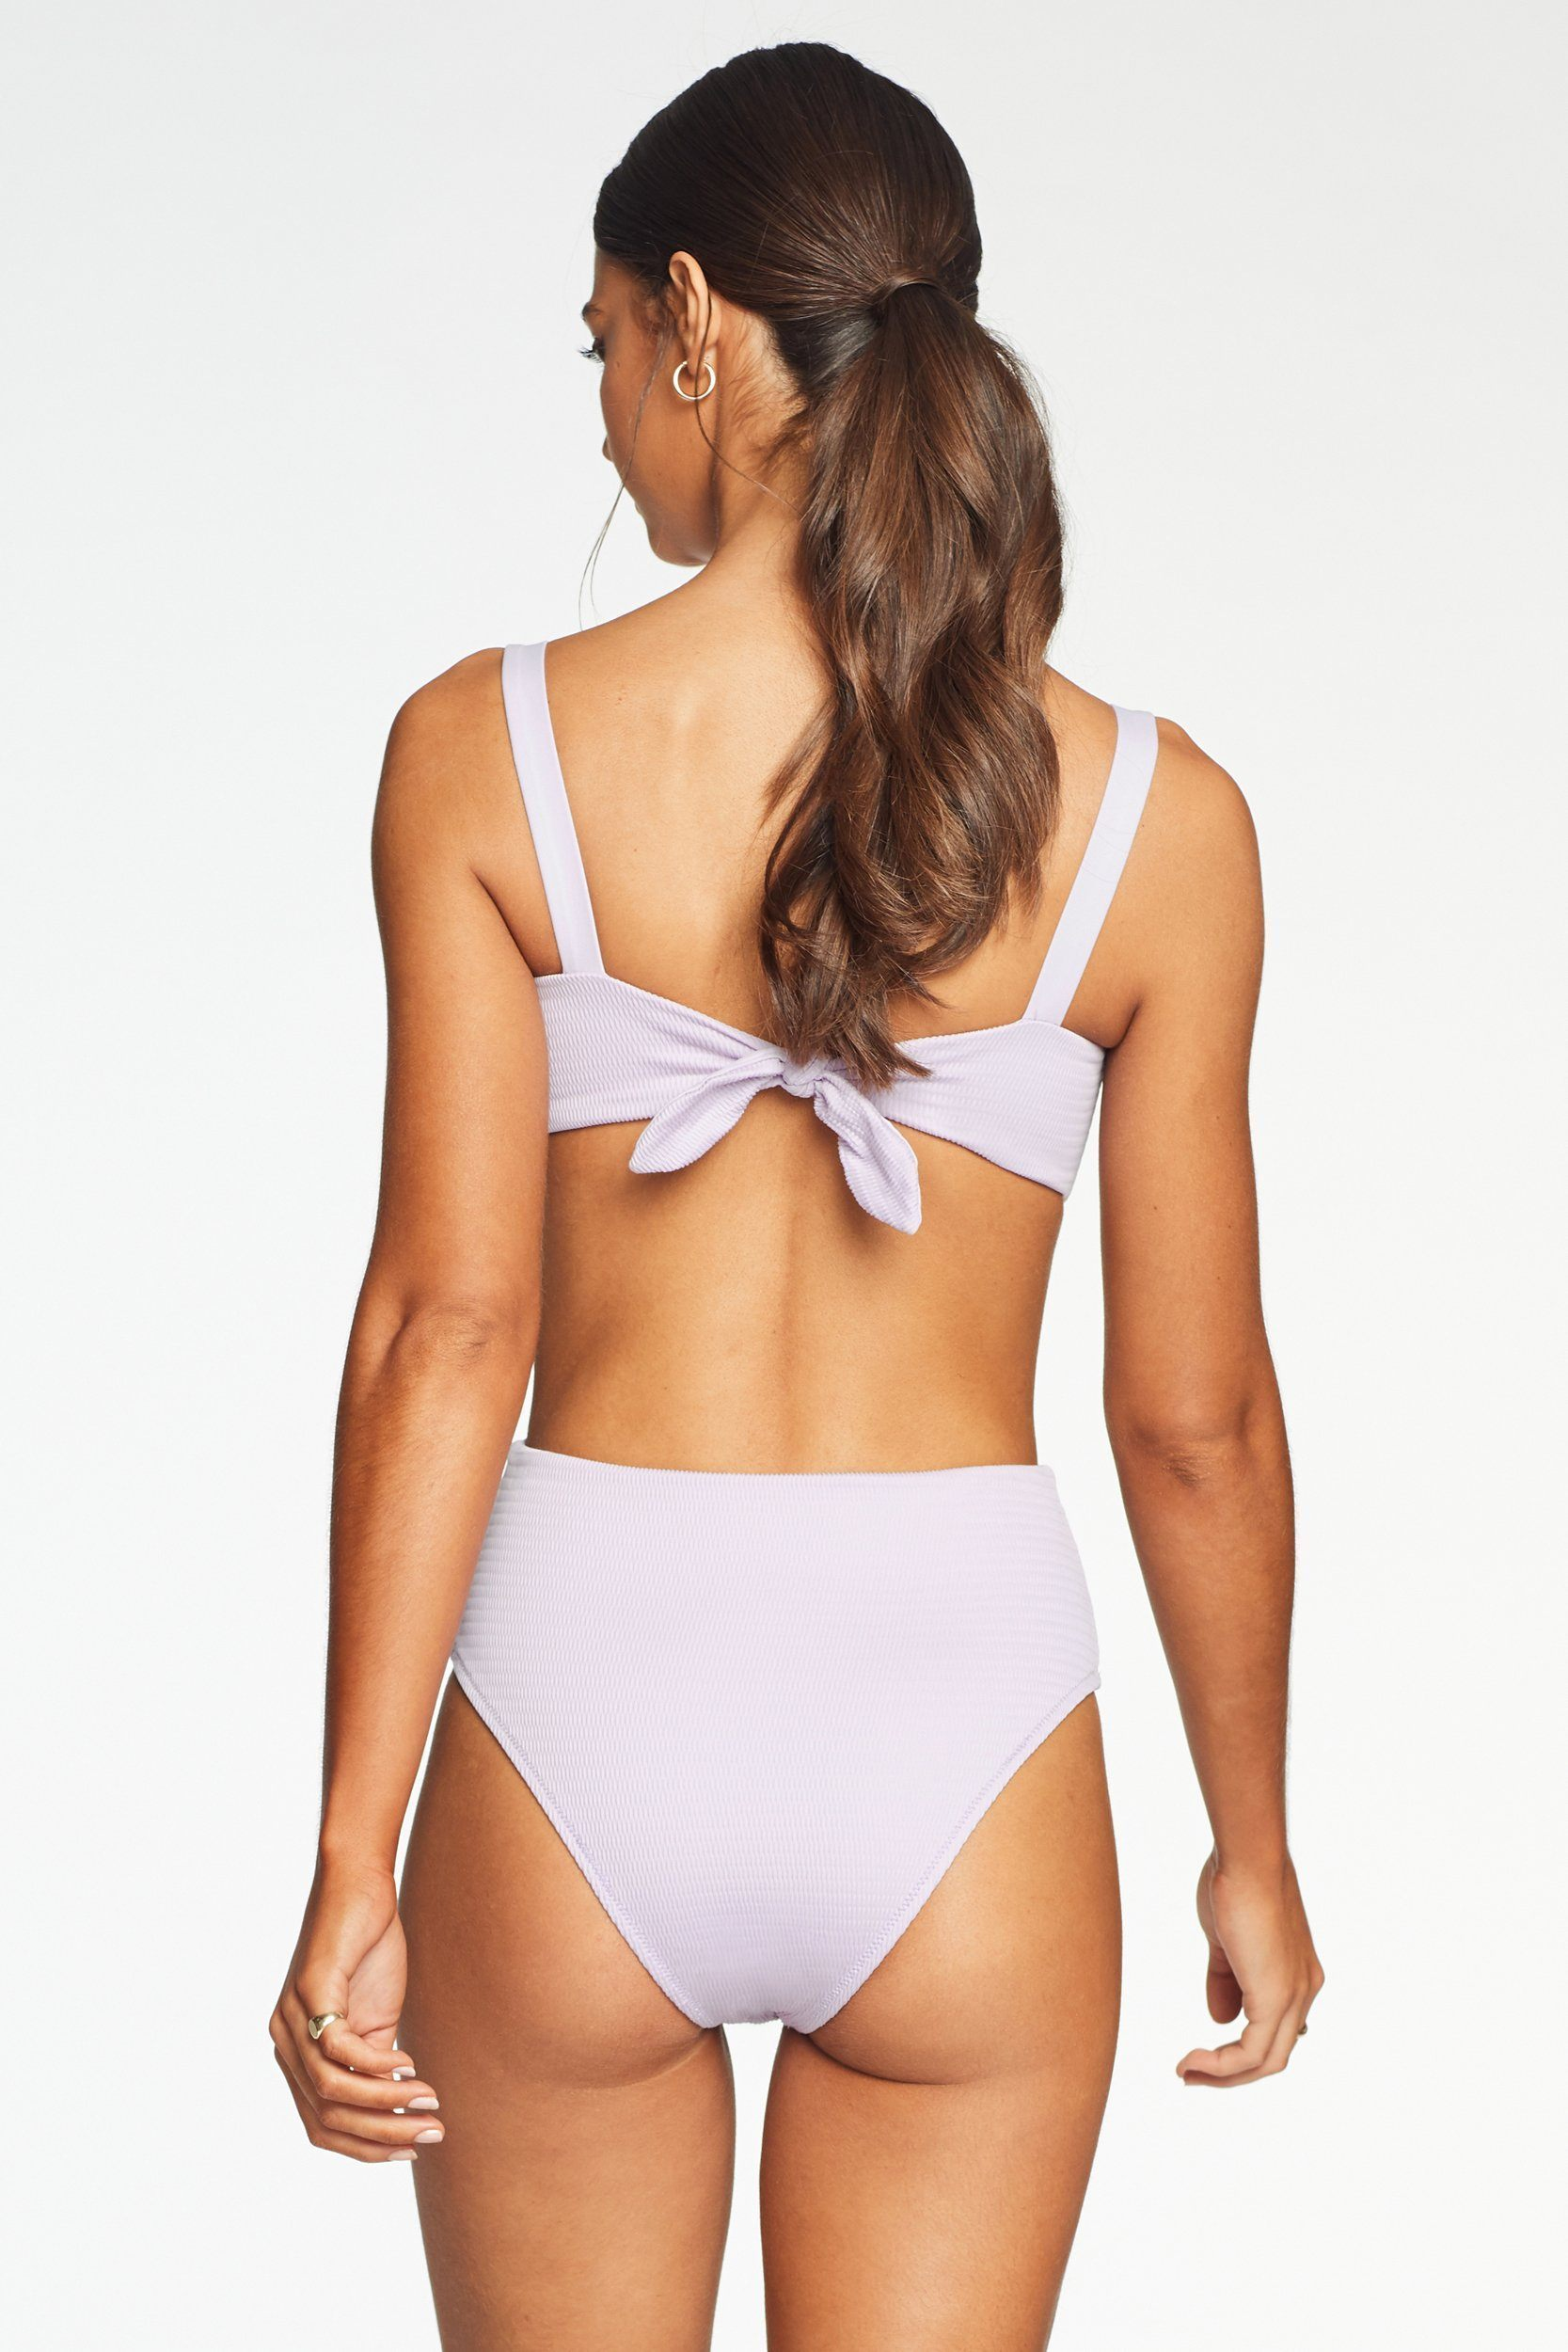 The Almafi Bikini